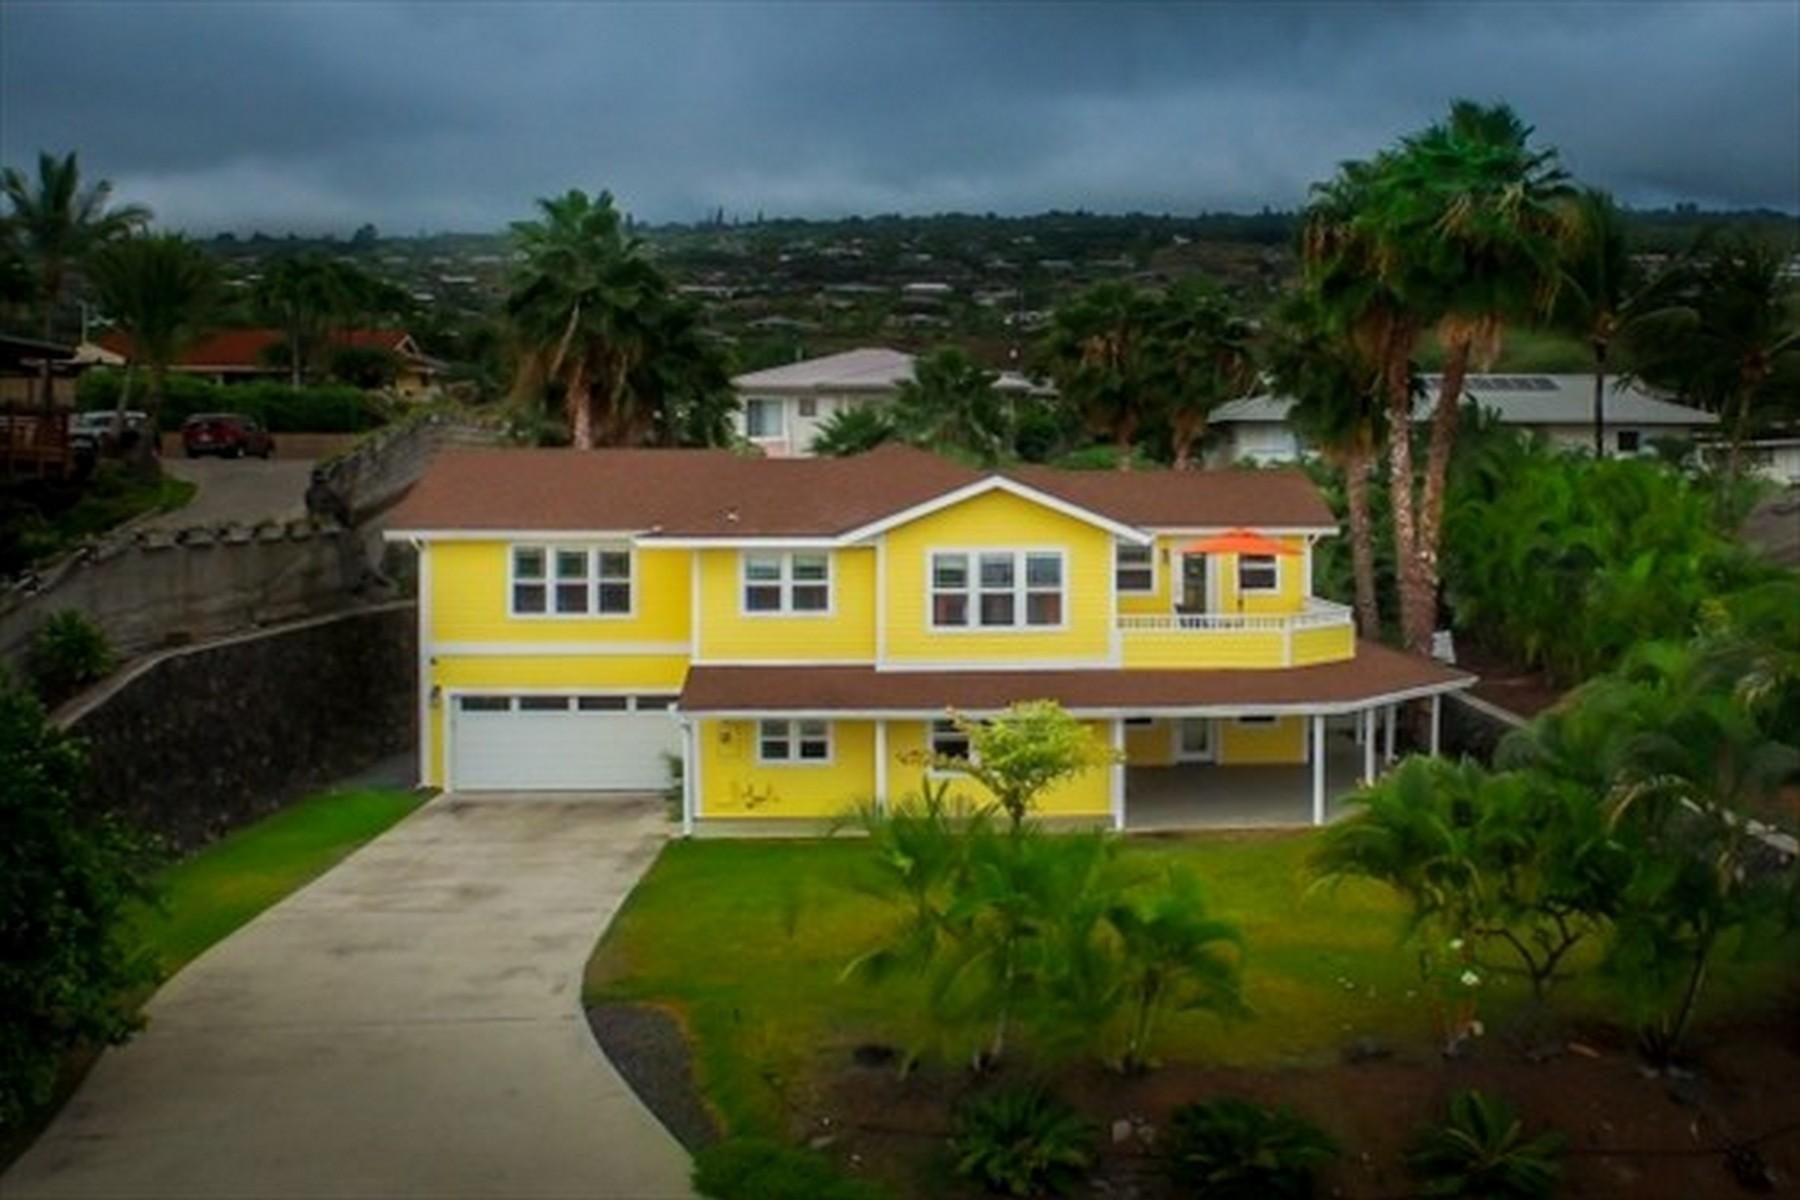 独户住宅 为 销售 在 Komohana Kai 76-6359 Kaheiau St Kailua-Kona, 夏威夷 96740 美国